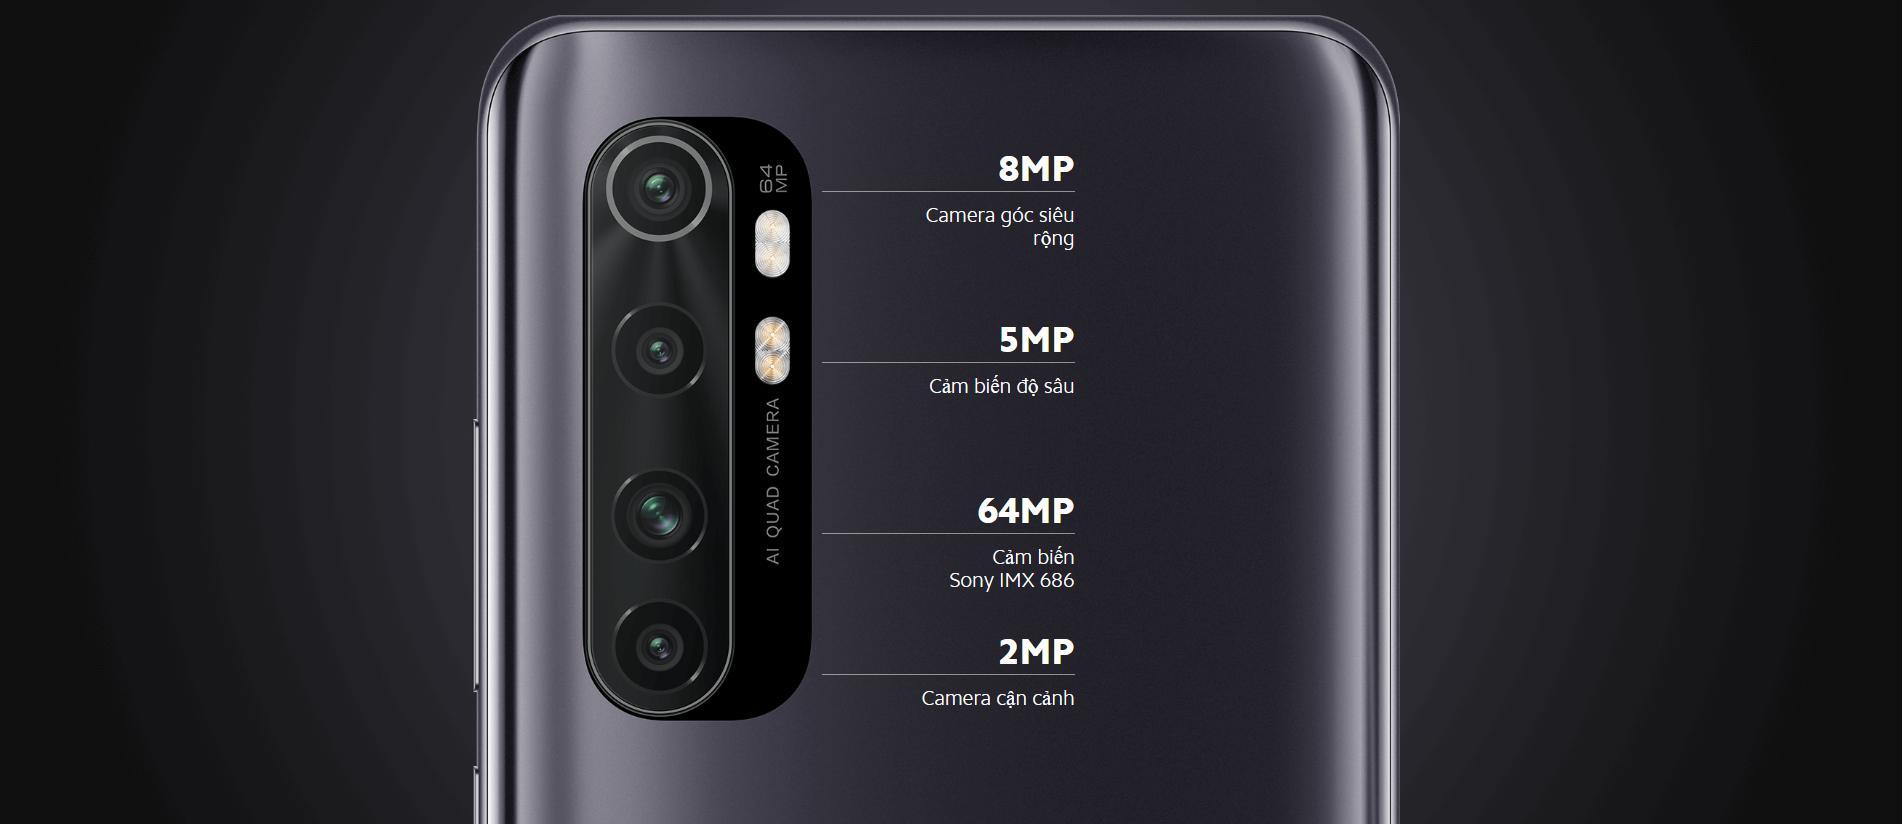 Mi Note 10 Lite - Camera